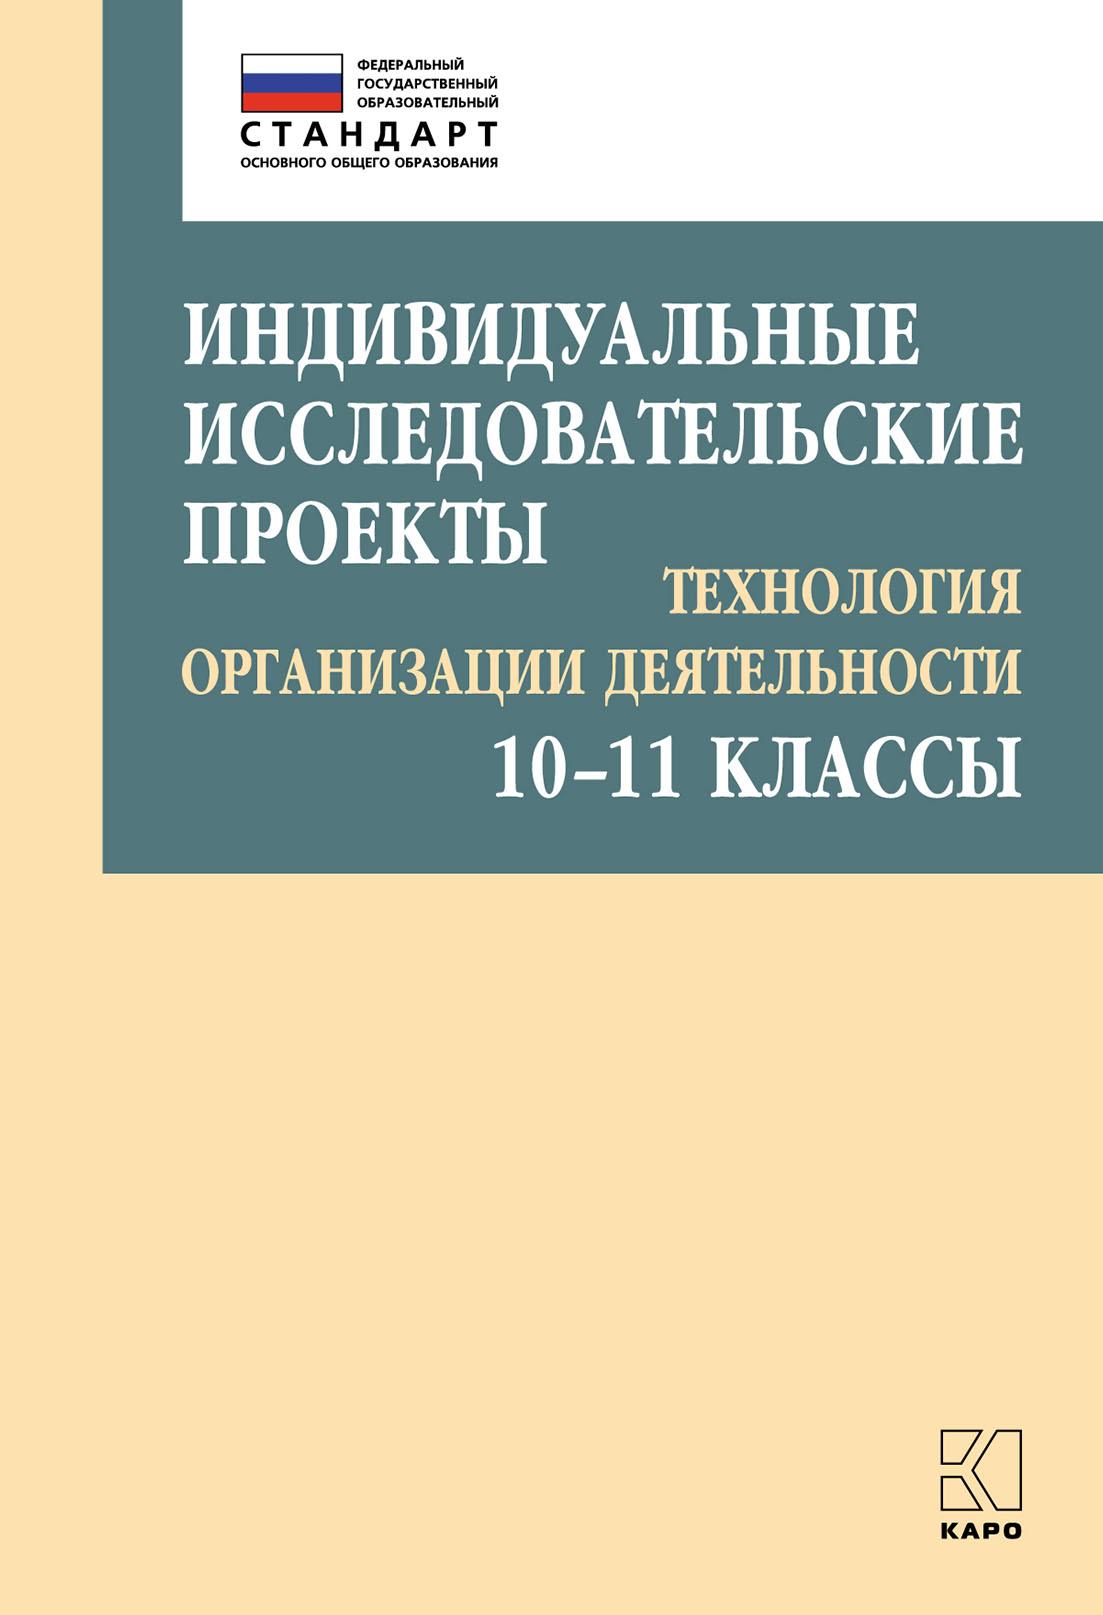 Купить книгу Индивидуальные исследовательские проекты. Технология организации деятельности. 10–11 классы, автора Елены Соколовой